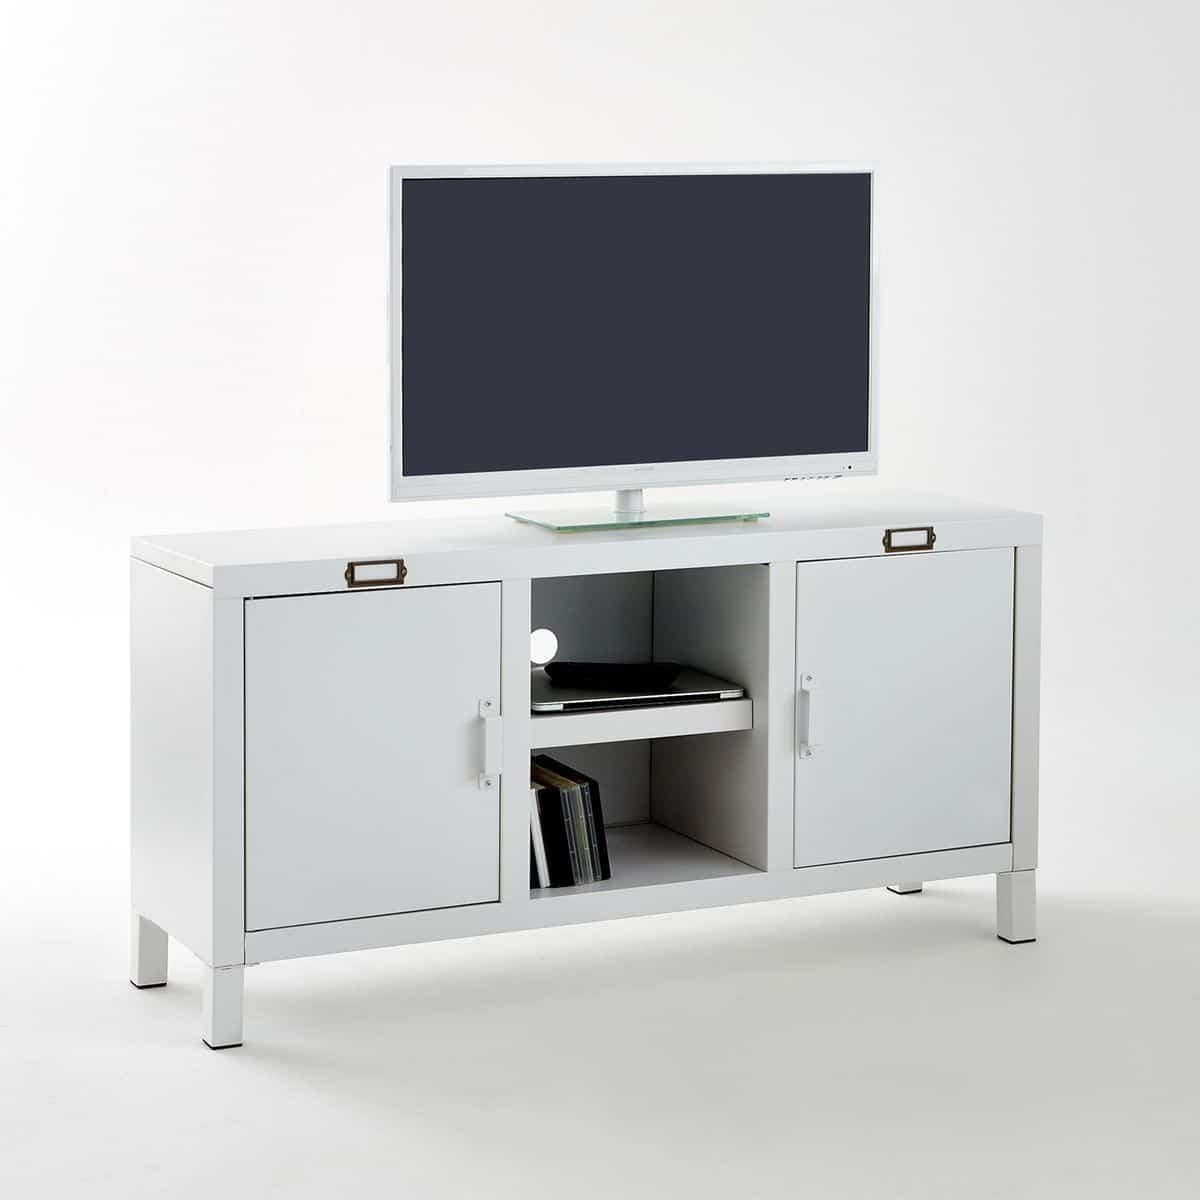 Meuble Tv Industriel 40 Id Es Et Mod Les 100 D Cal S # Meuble Tv Industrielle